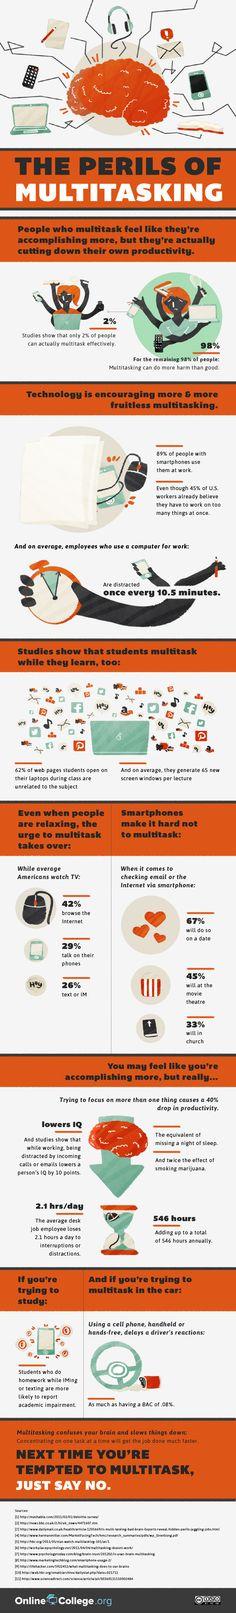 Multitasking Infographic